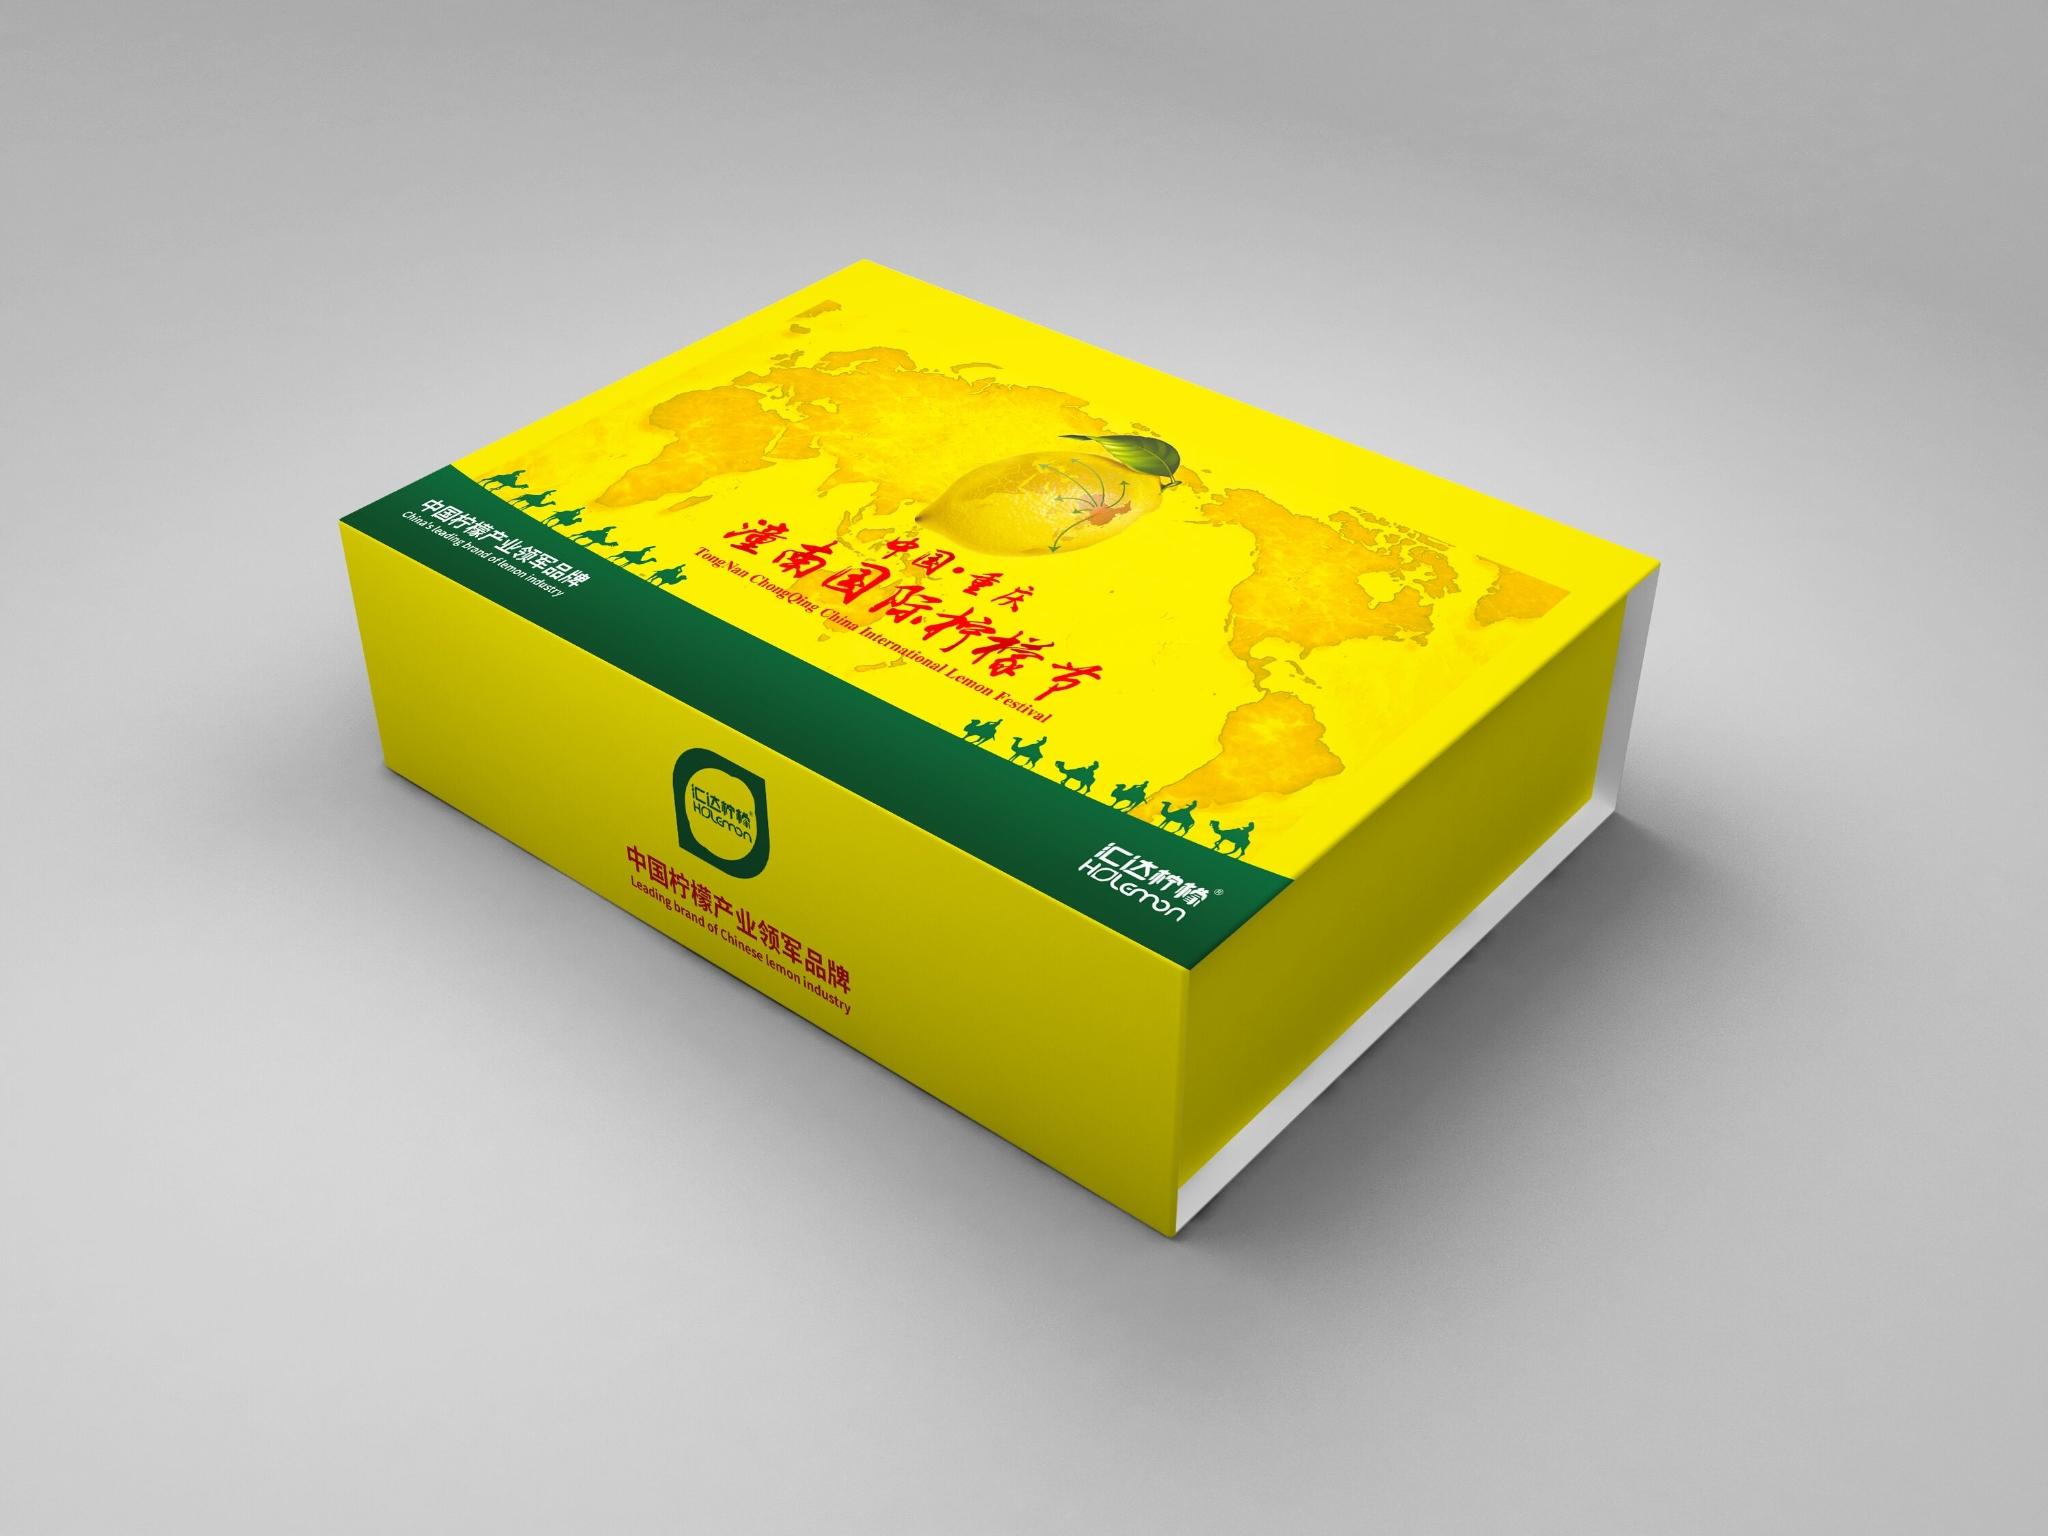 汇达柠檬 国际柠檬节节日礼包